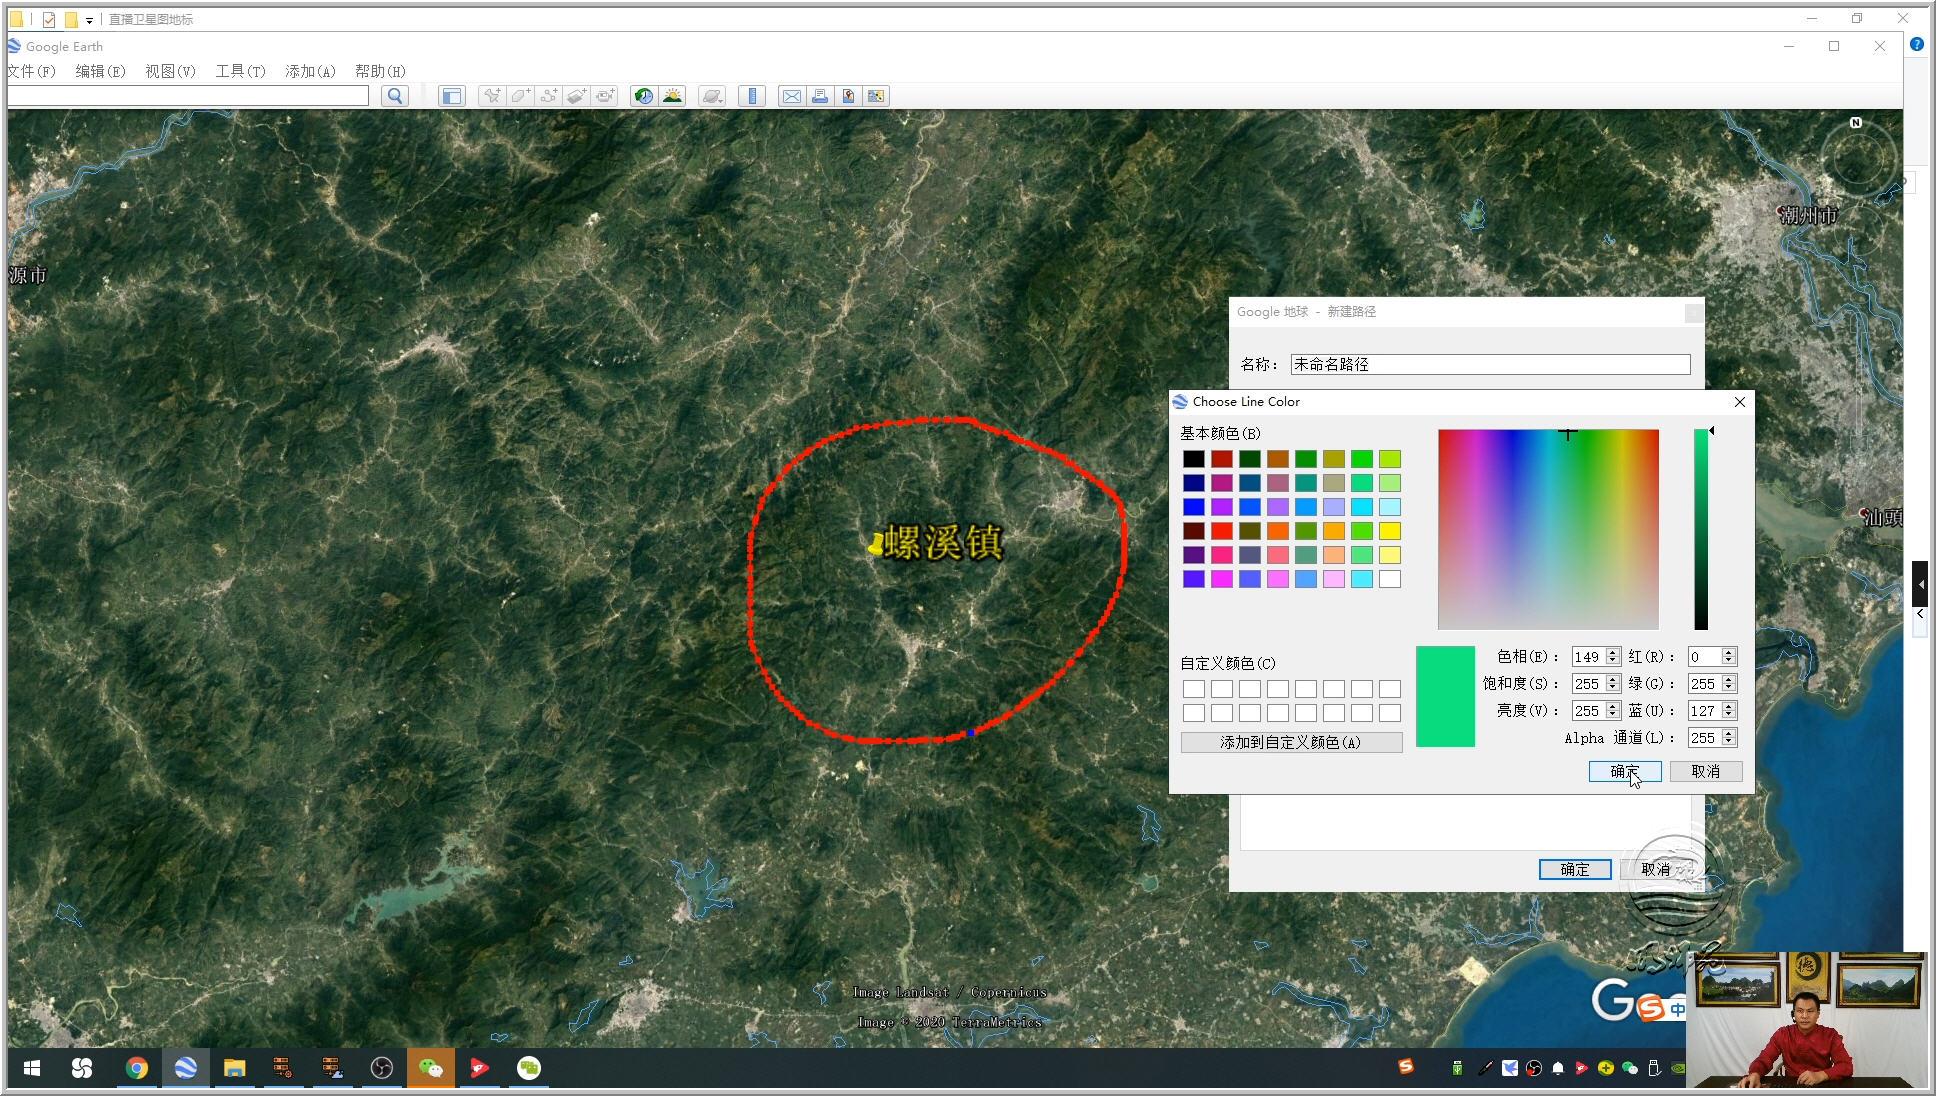 第28场 :卫星图实战应用 2020-07-18